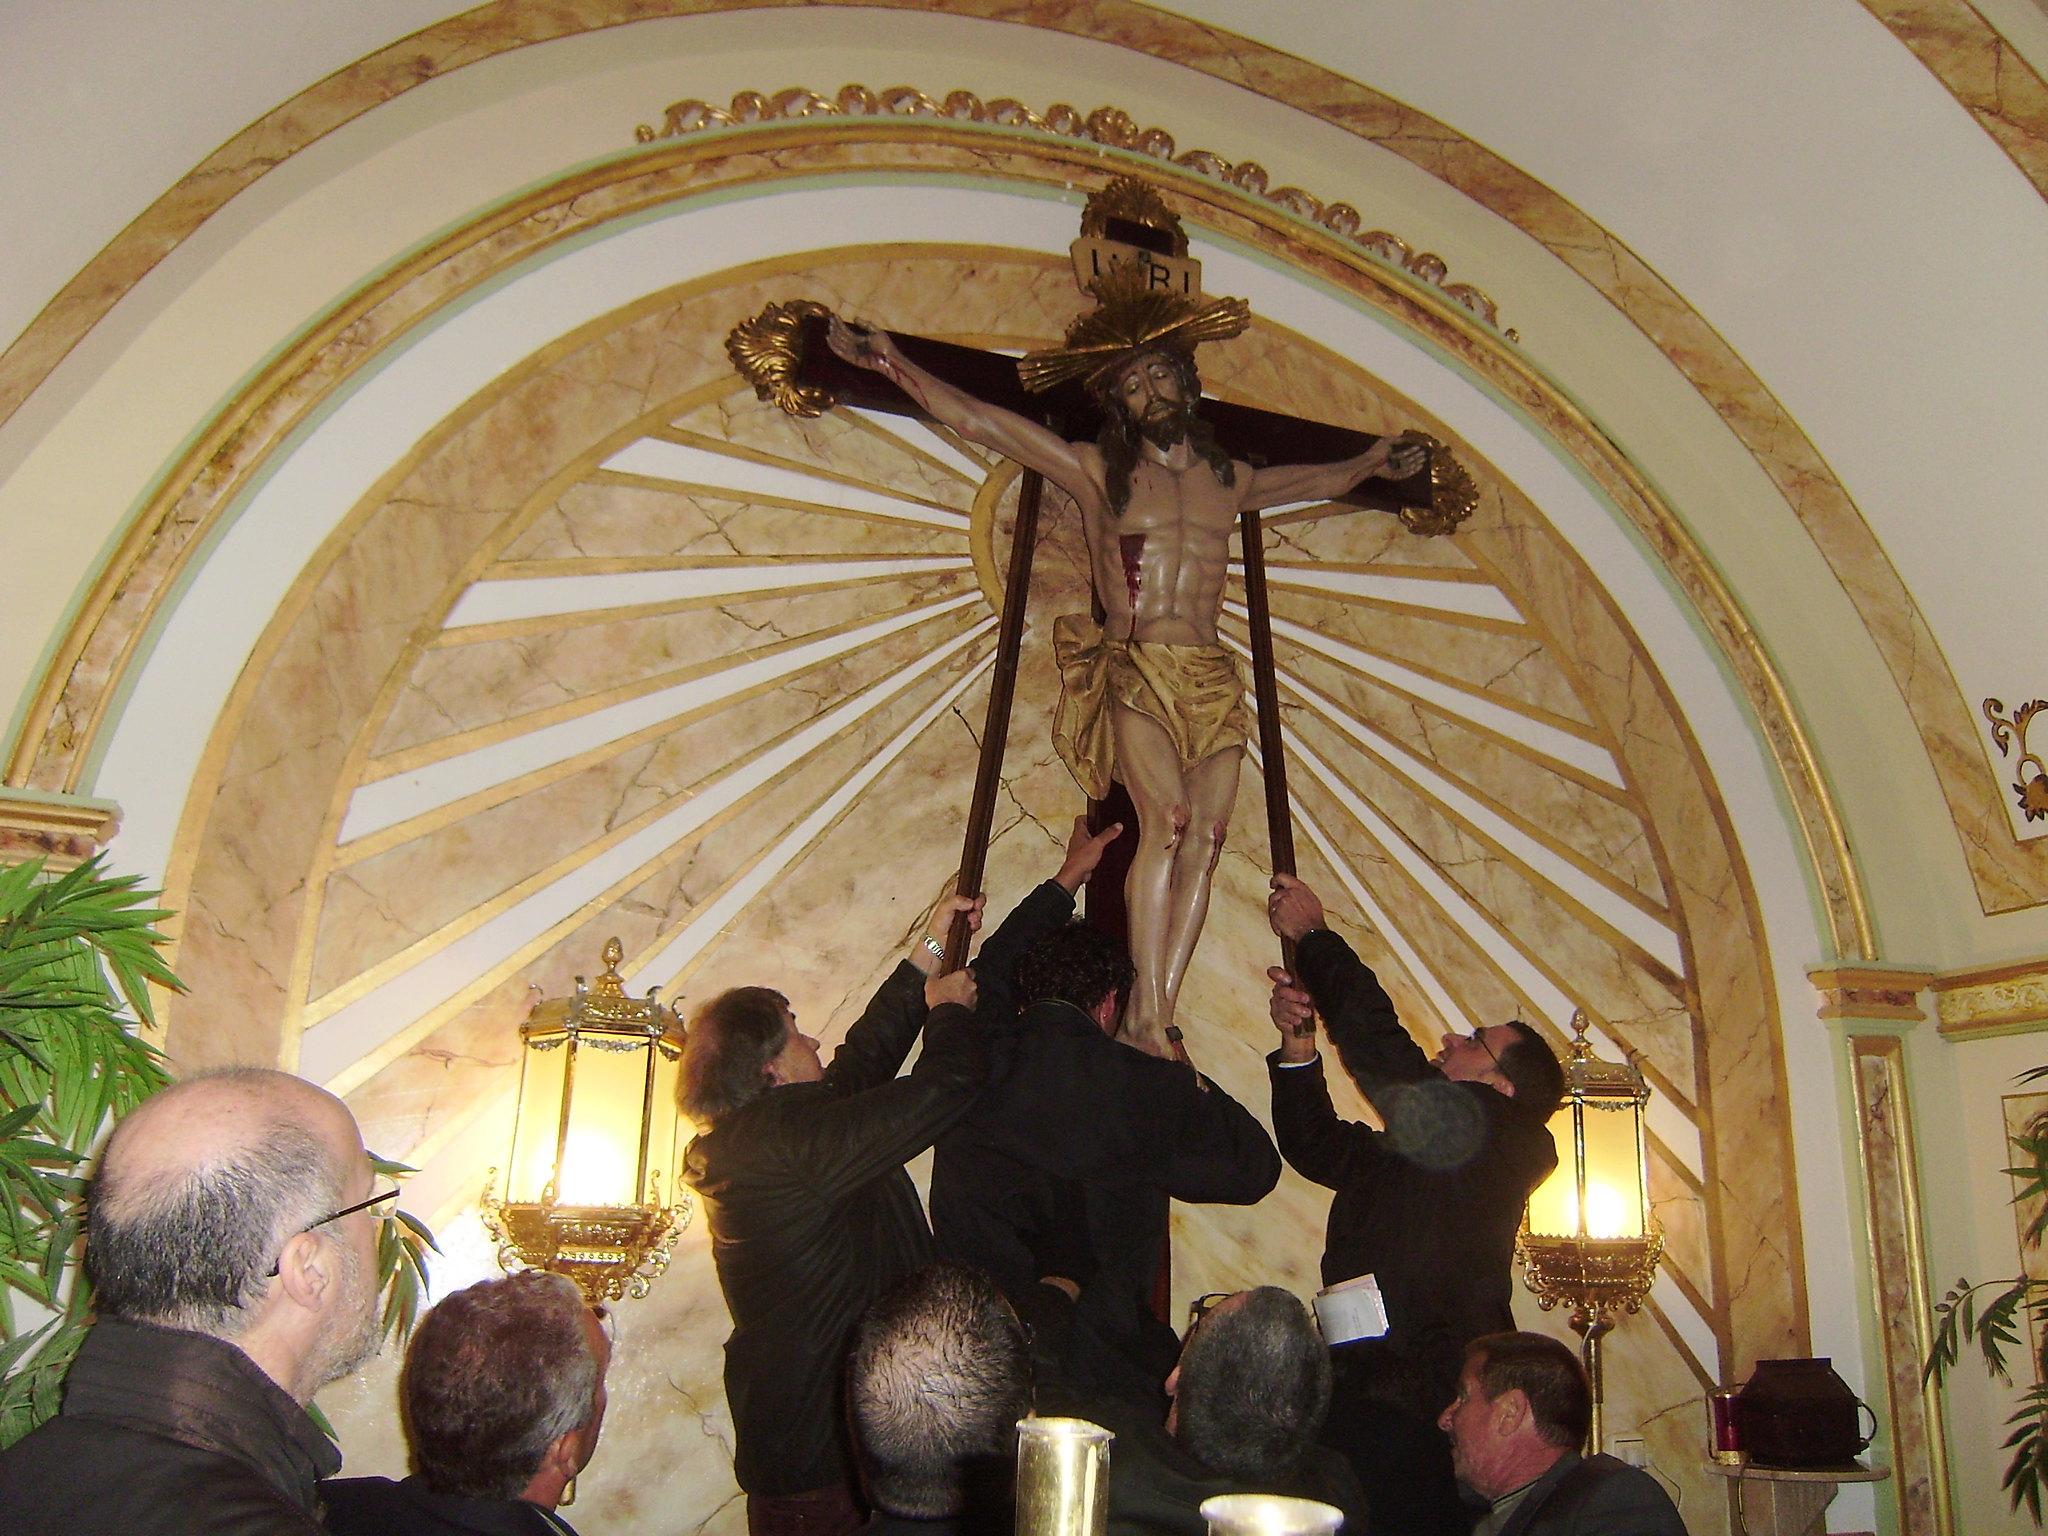 (2010-03-26) - I Vía Crucis nocturno - Javier Romero Ripoll - (27)